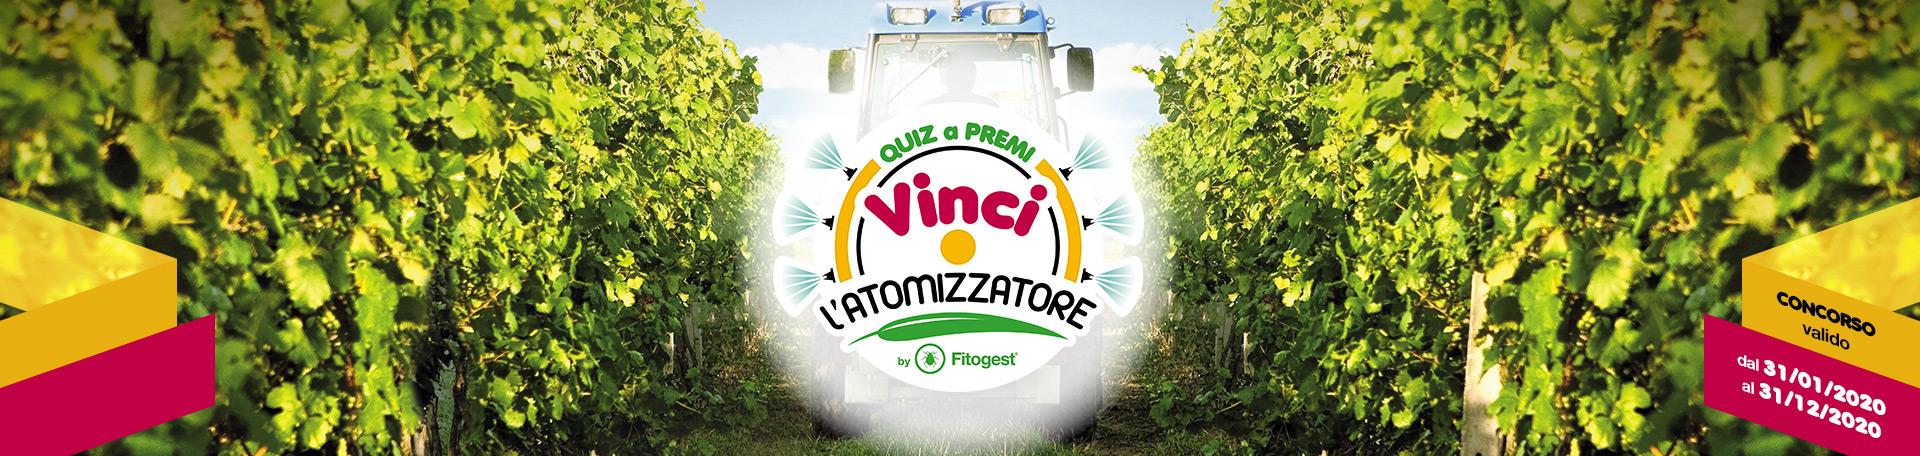 Quiz a premi Vinci l'Atomizzatore